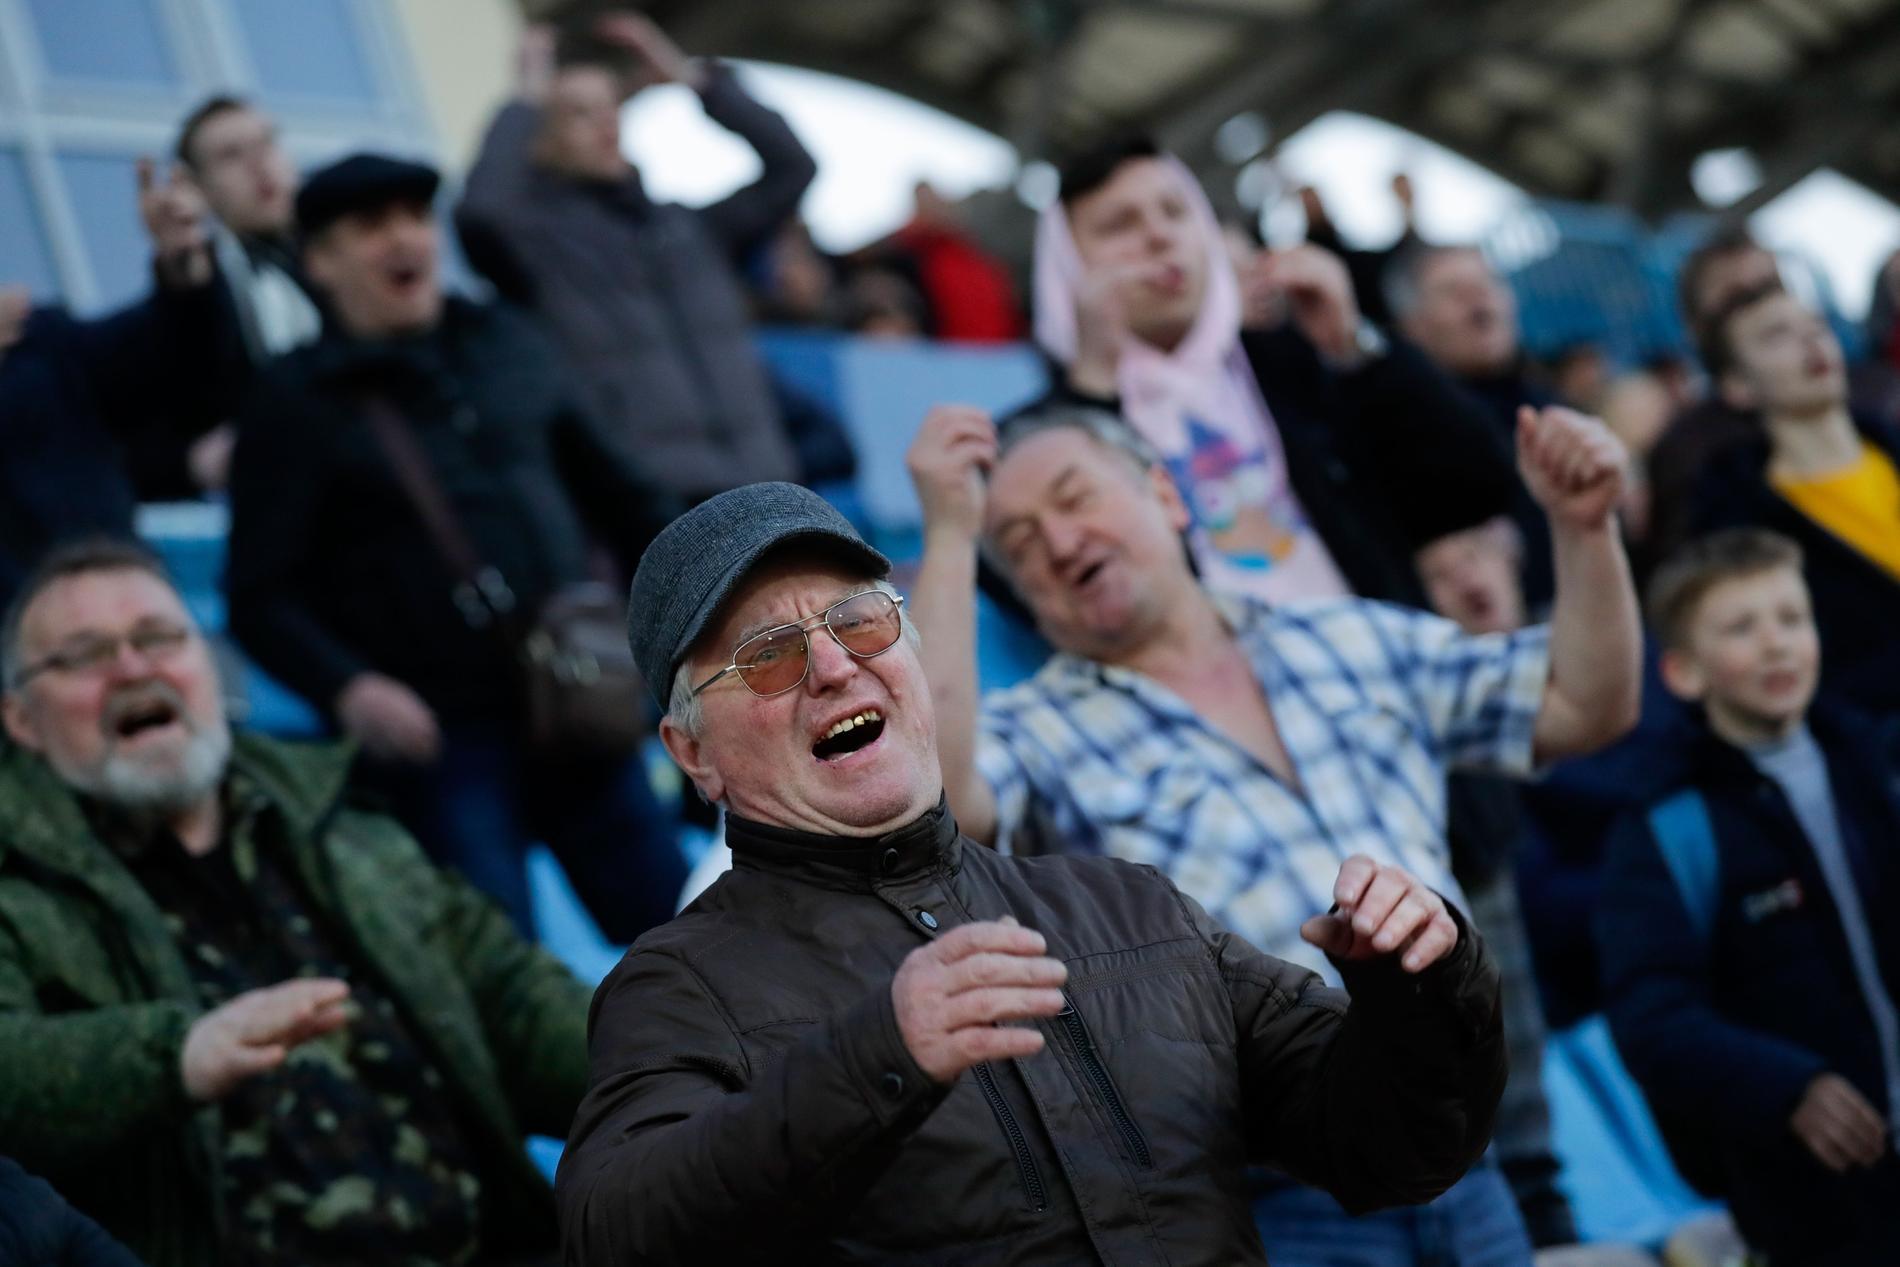 Det spelas fortfarande fotbollsmatcher i Vitryssland – till skillnad från i övriga Europa. Här syns engagerade åskådare i staden Zjodino förra veckan. Vitryssland har infört få restriktioner för att begränsa coronavirusets framfart.